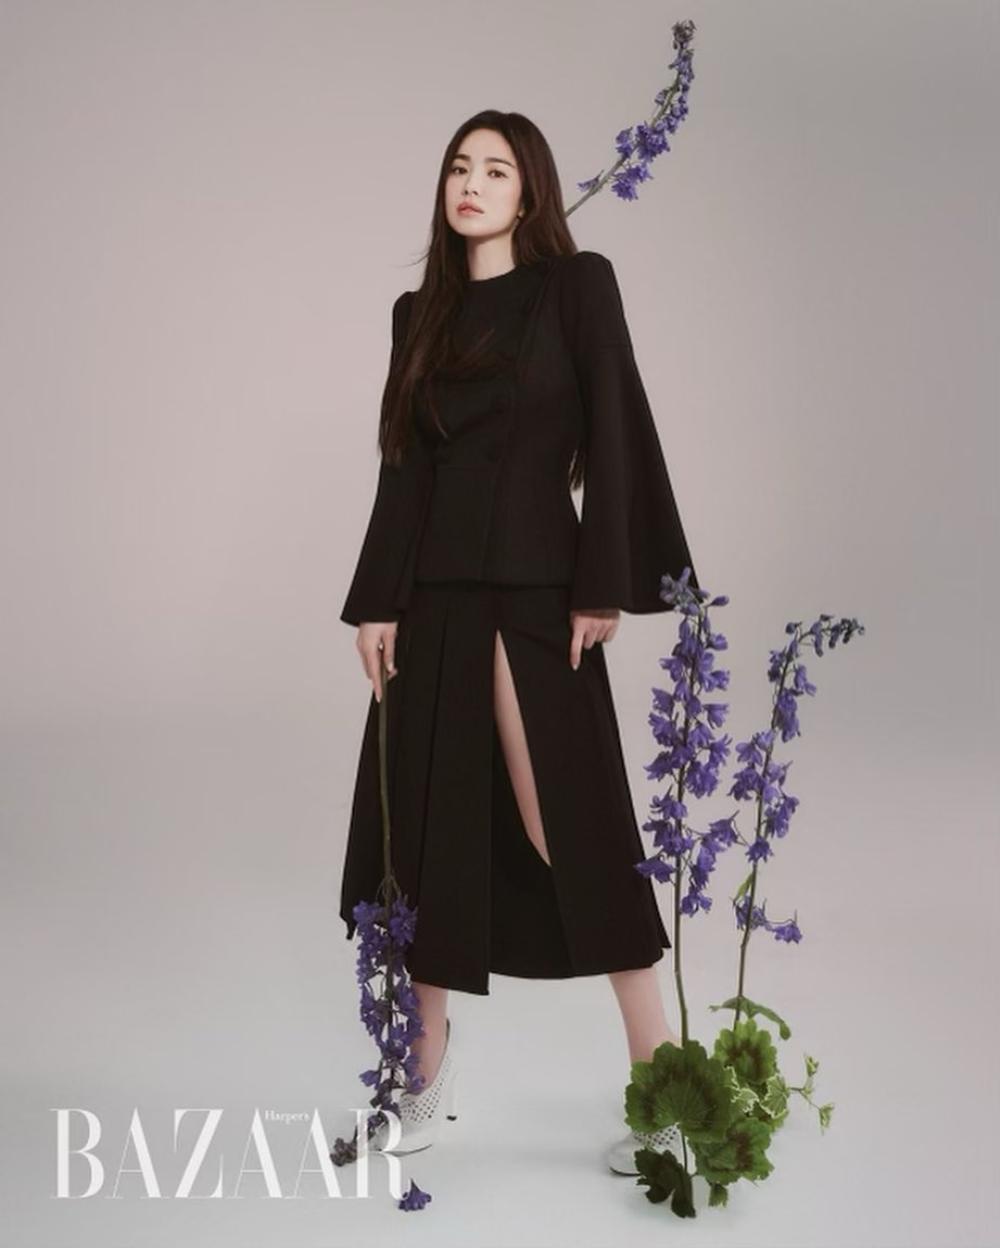 'Vợ chồng' Song Hye Kyo - Song Joong Ki đọ sắc: 'Em không là nàng thơ, anh cũng không là nhạc sĩ mộng mơ' Ảnh 5